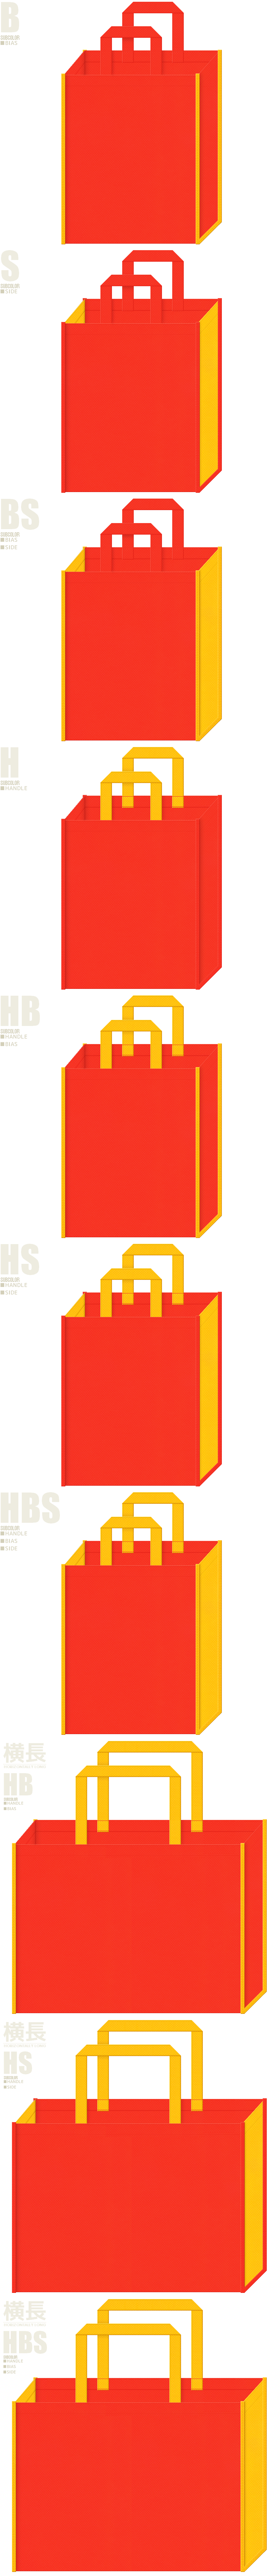 キッズ・テーマパーク・おもちゃ・ビタミン・サプリメント・キッチン・フライヤー・ランチバッグにお奨めの不織布バッグデザイン:オレンジ色と黄色の配色7パターン